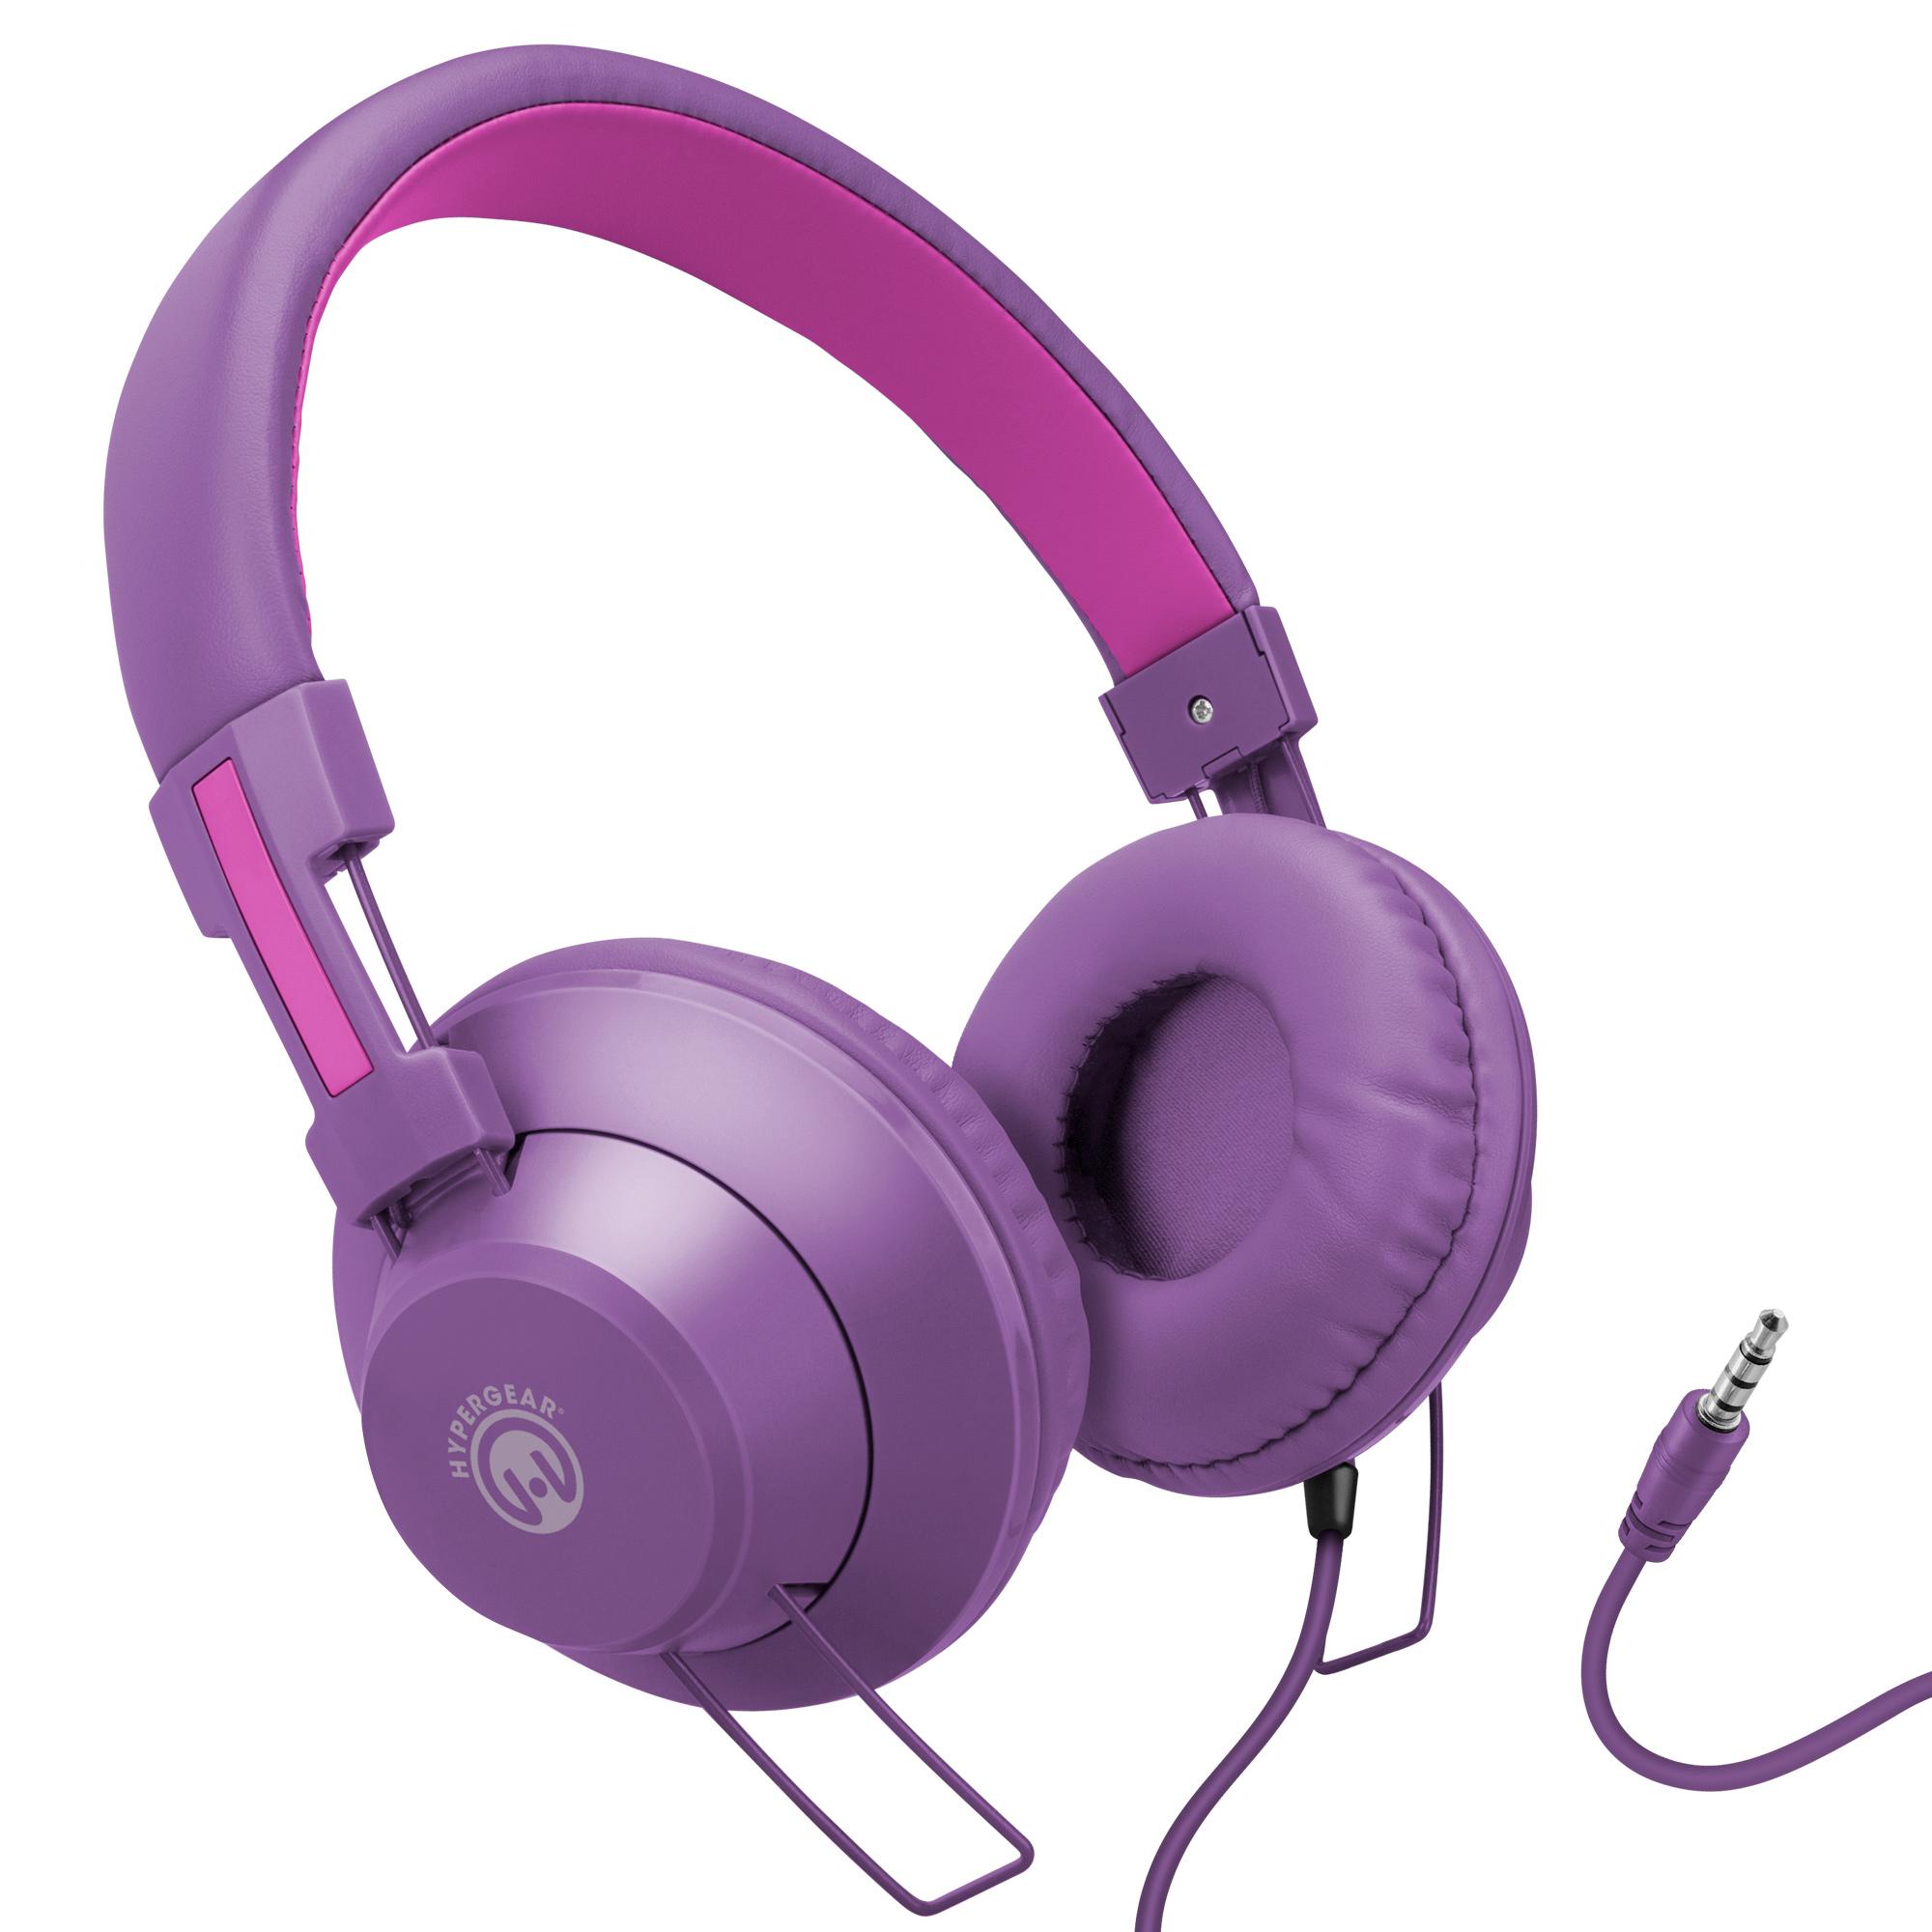 V50 Stereo Headphones